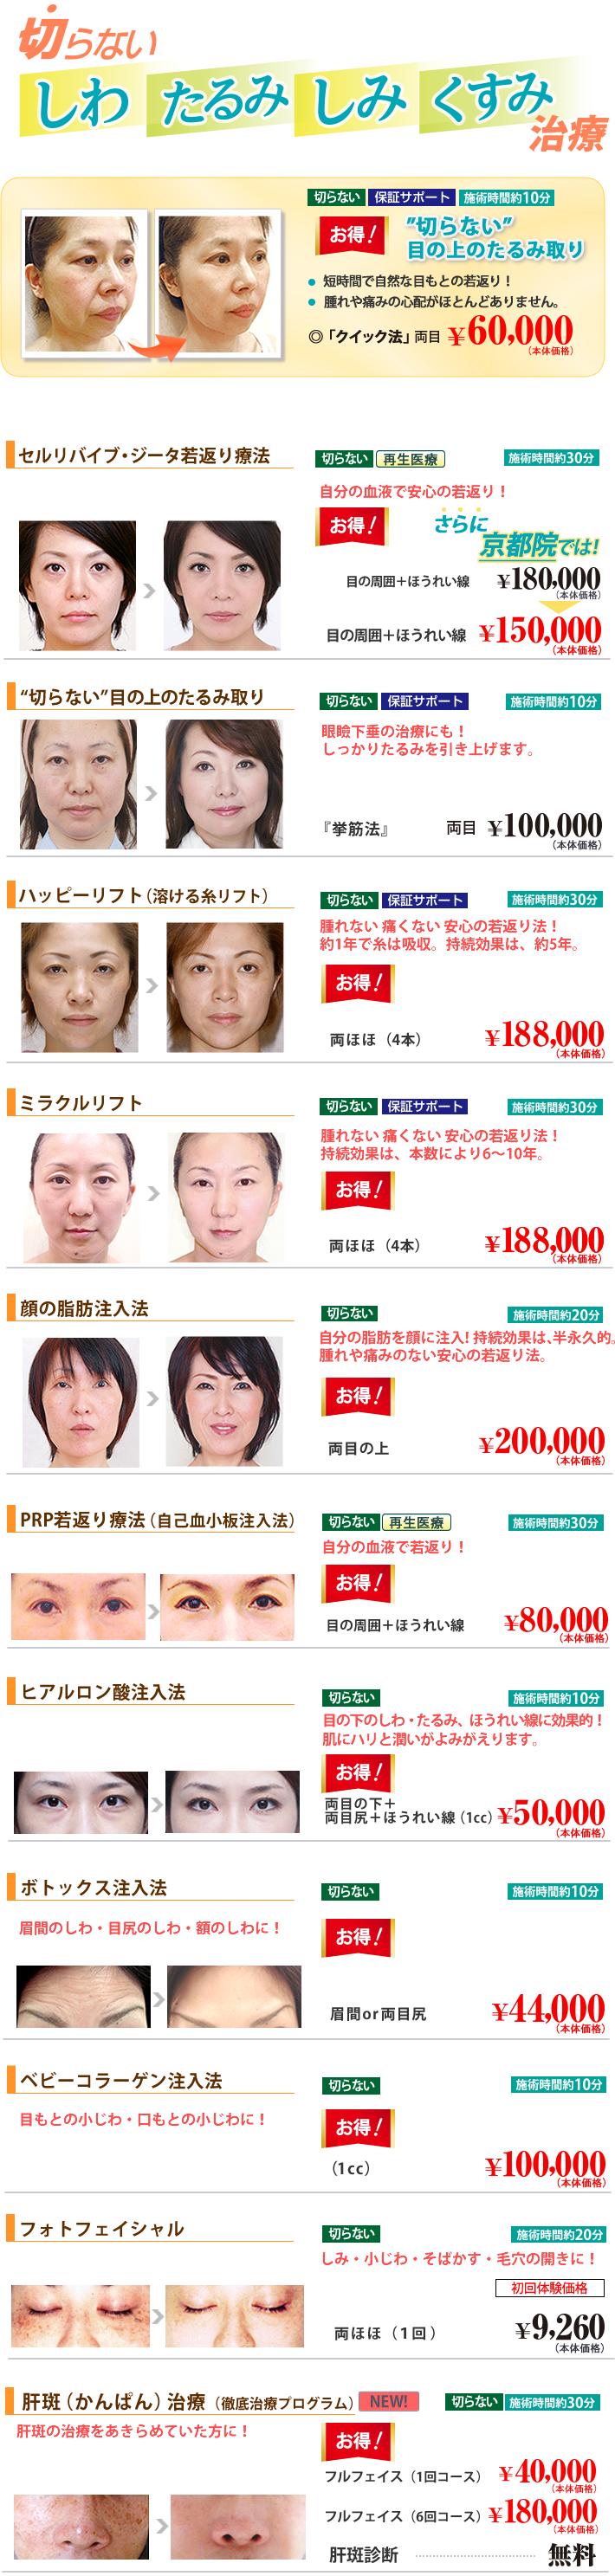 京都院のお得情報